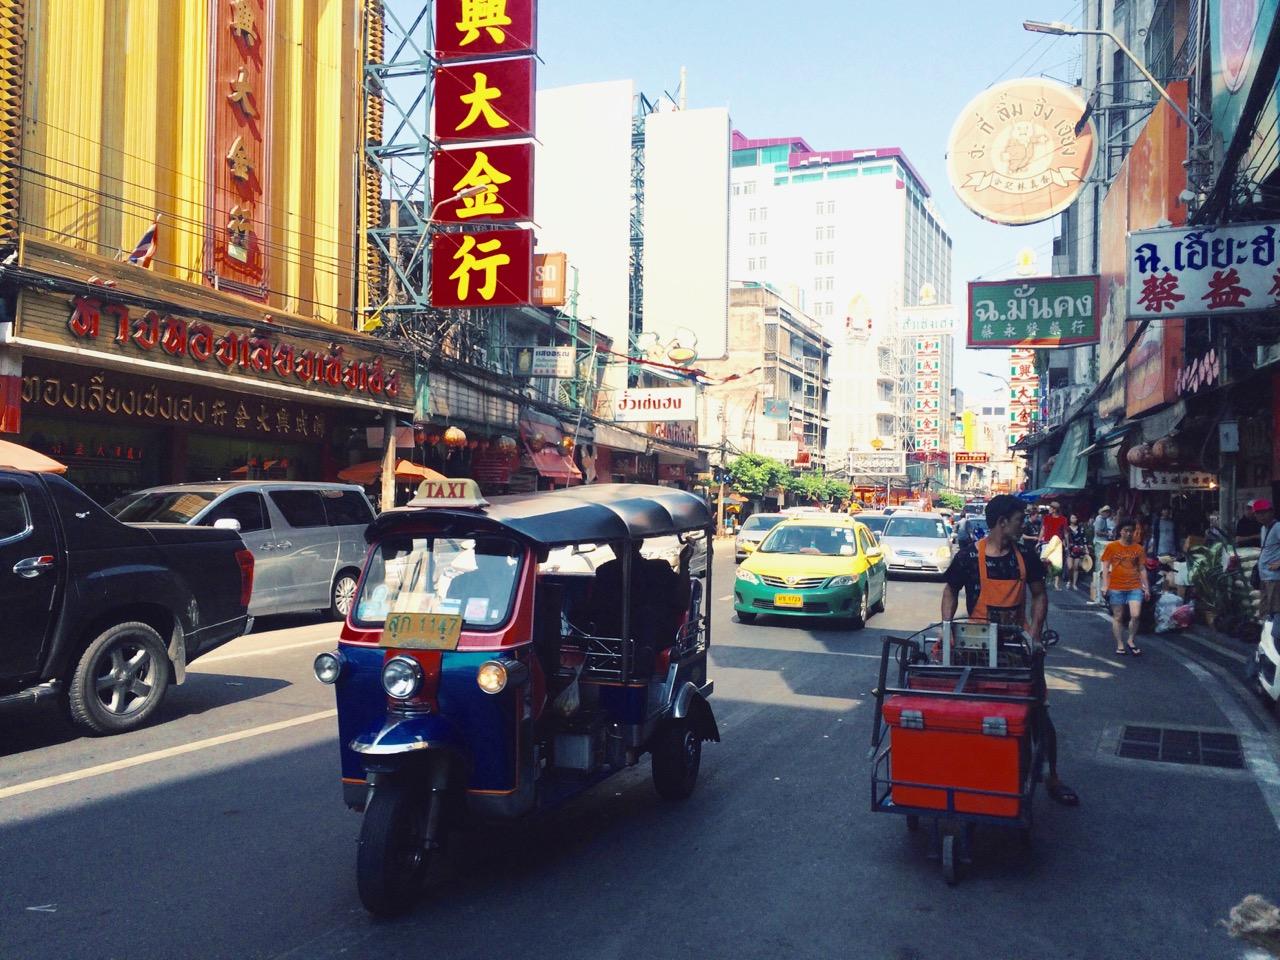 Путешествие по Таиланду, Бангкок: Чайнатаун